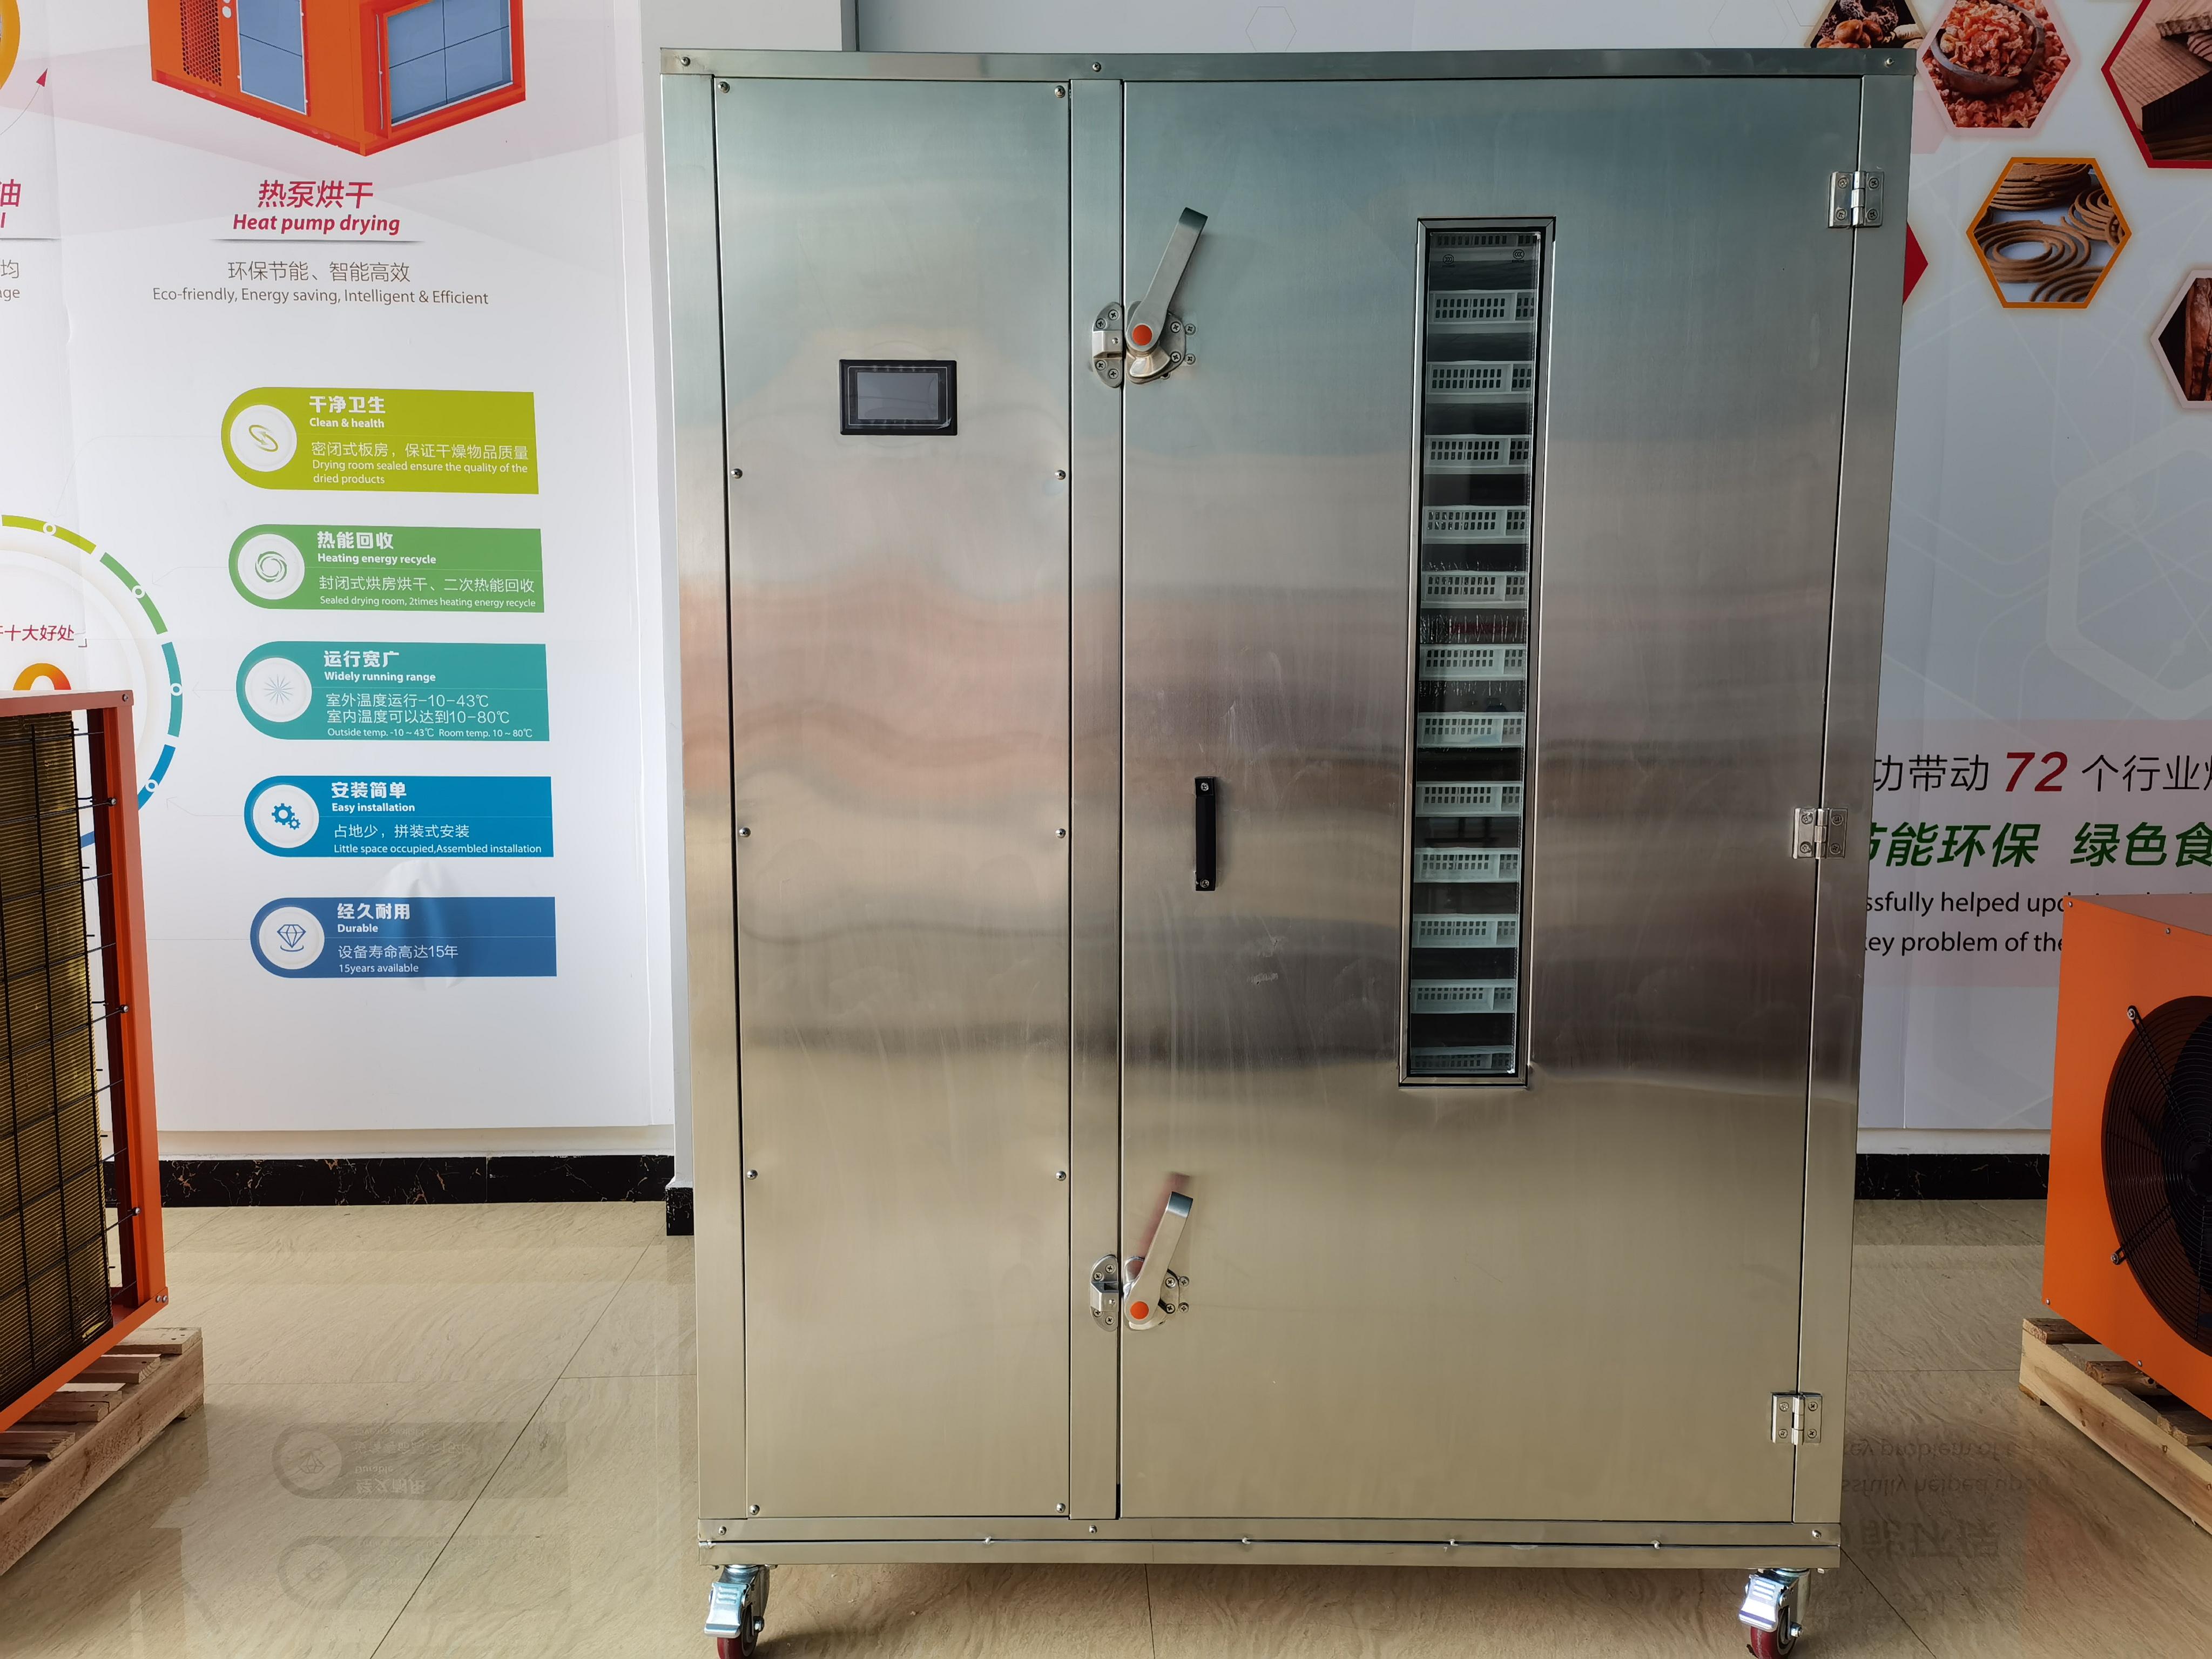 เครื่องเป่าอาหารปั๊มความร้อนขนาดเล็กพร้อมความจุ 100 กก. AHRZ015-X